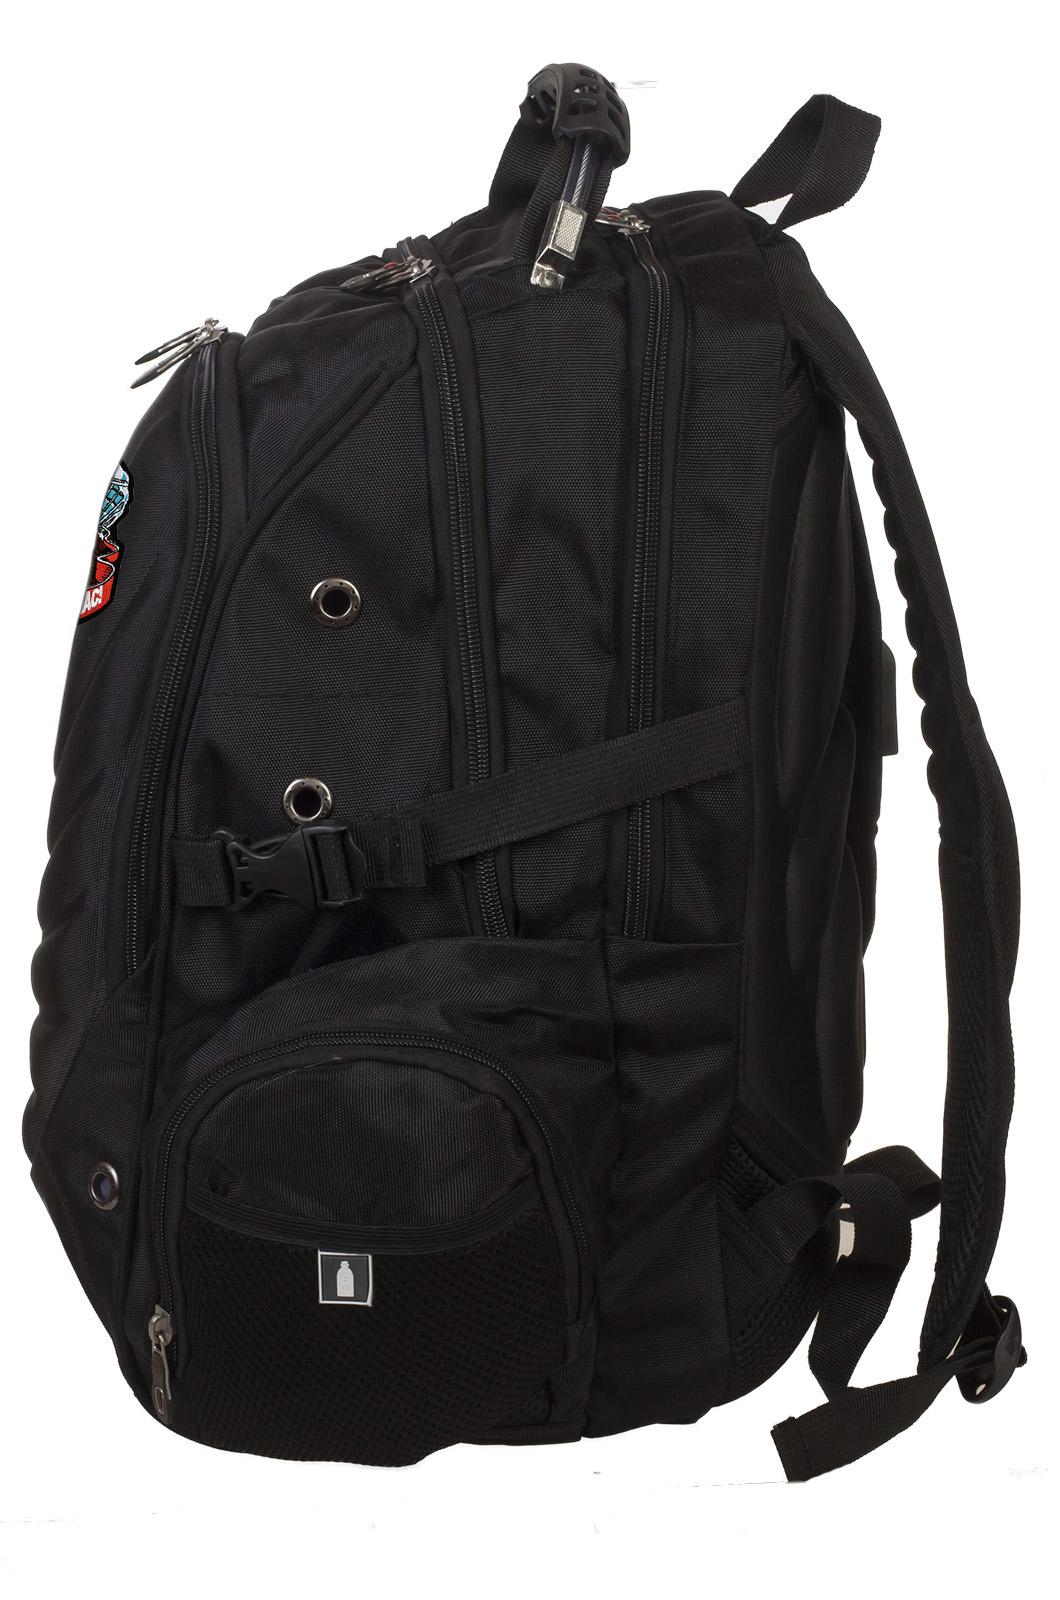 Повседневный мужской рюкзак с нашивкой ВДВ - заказать в розницу